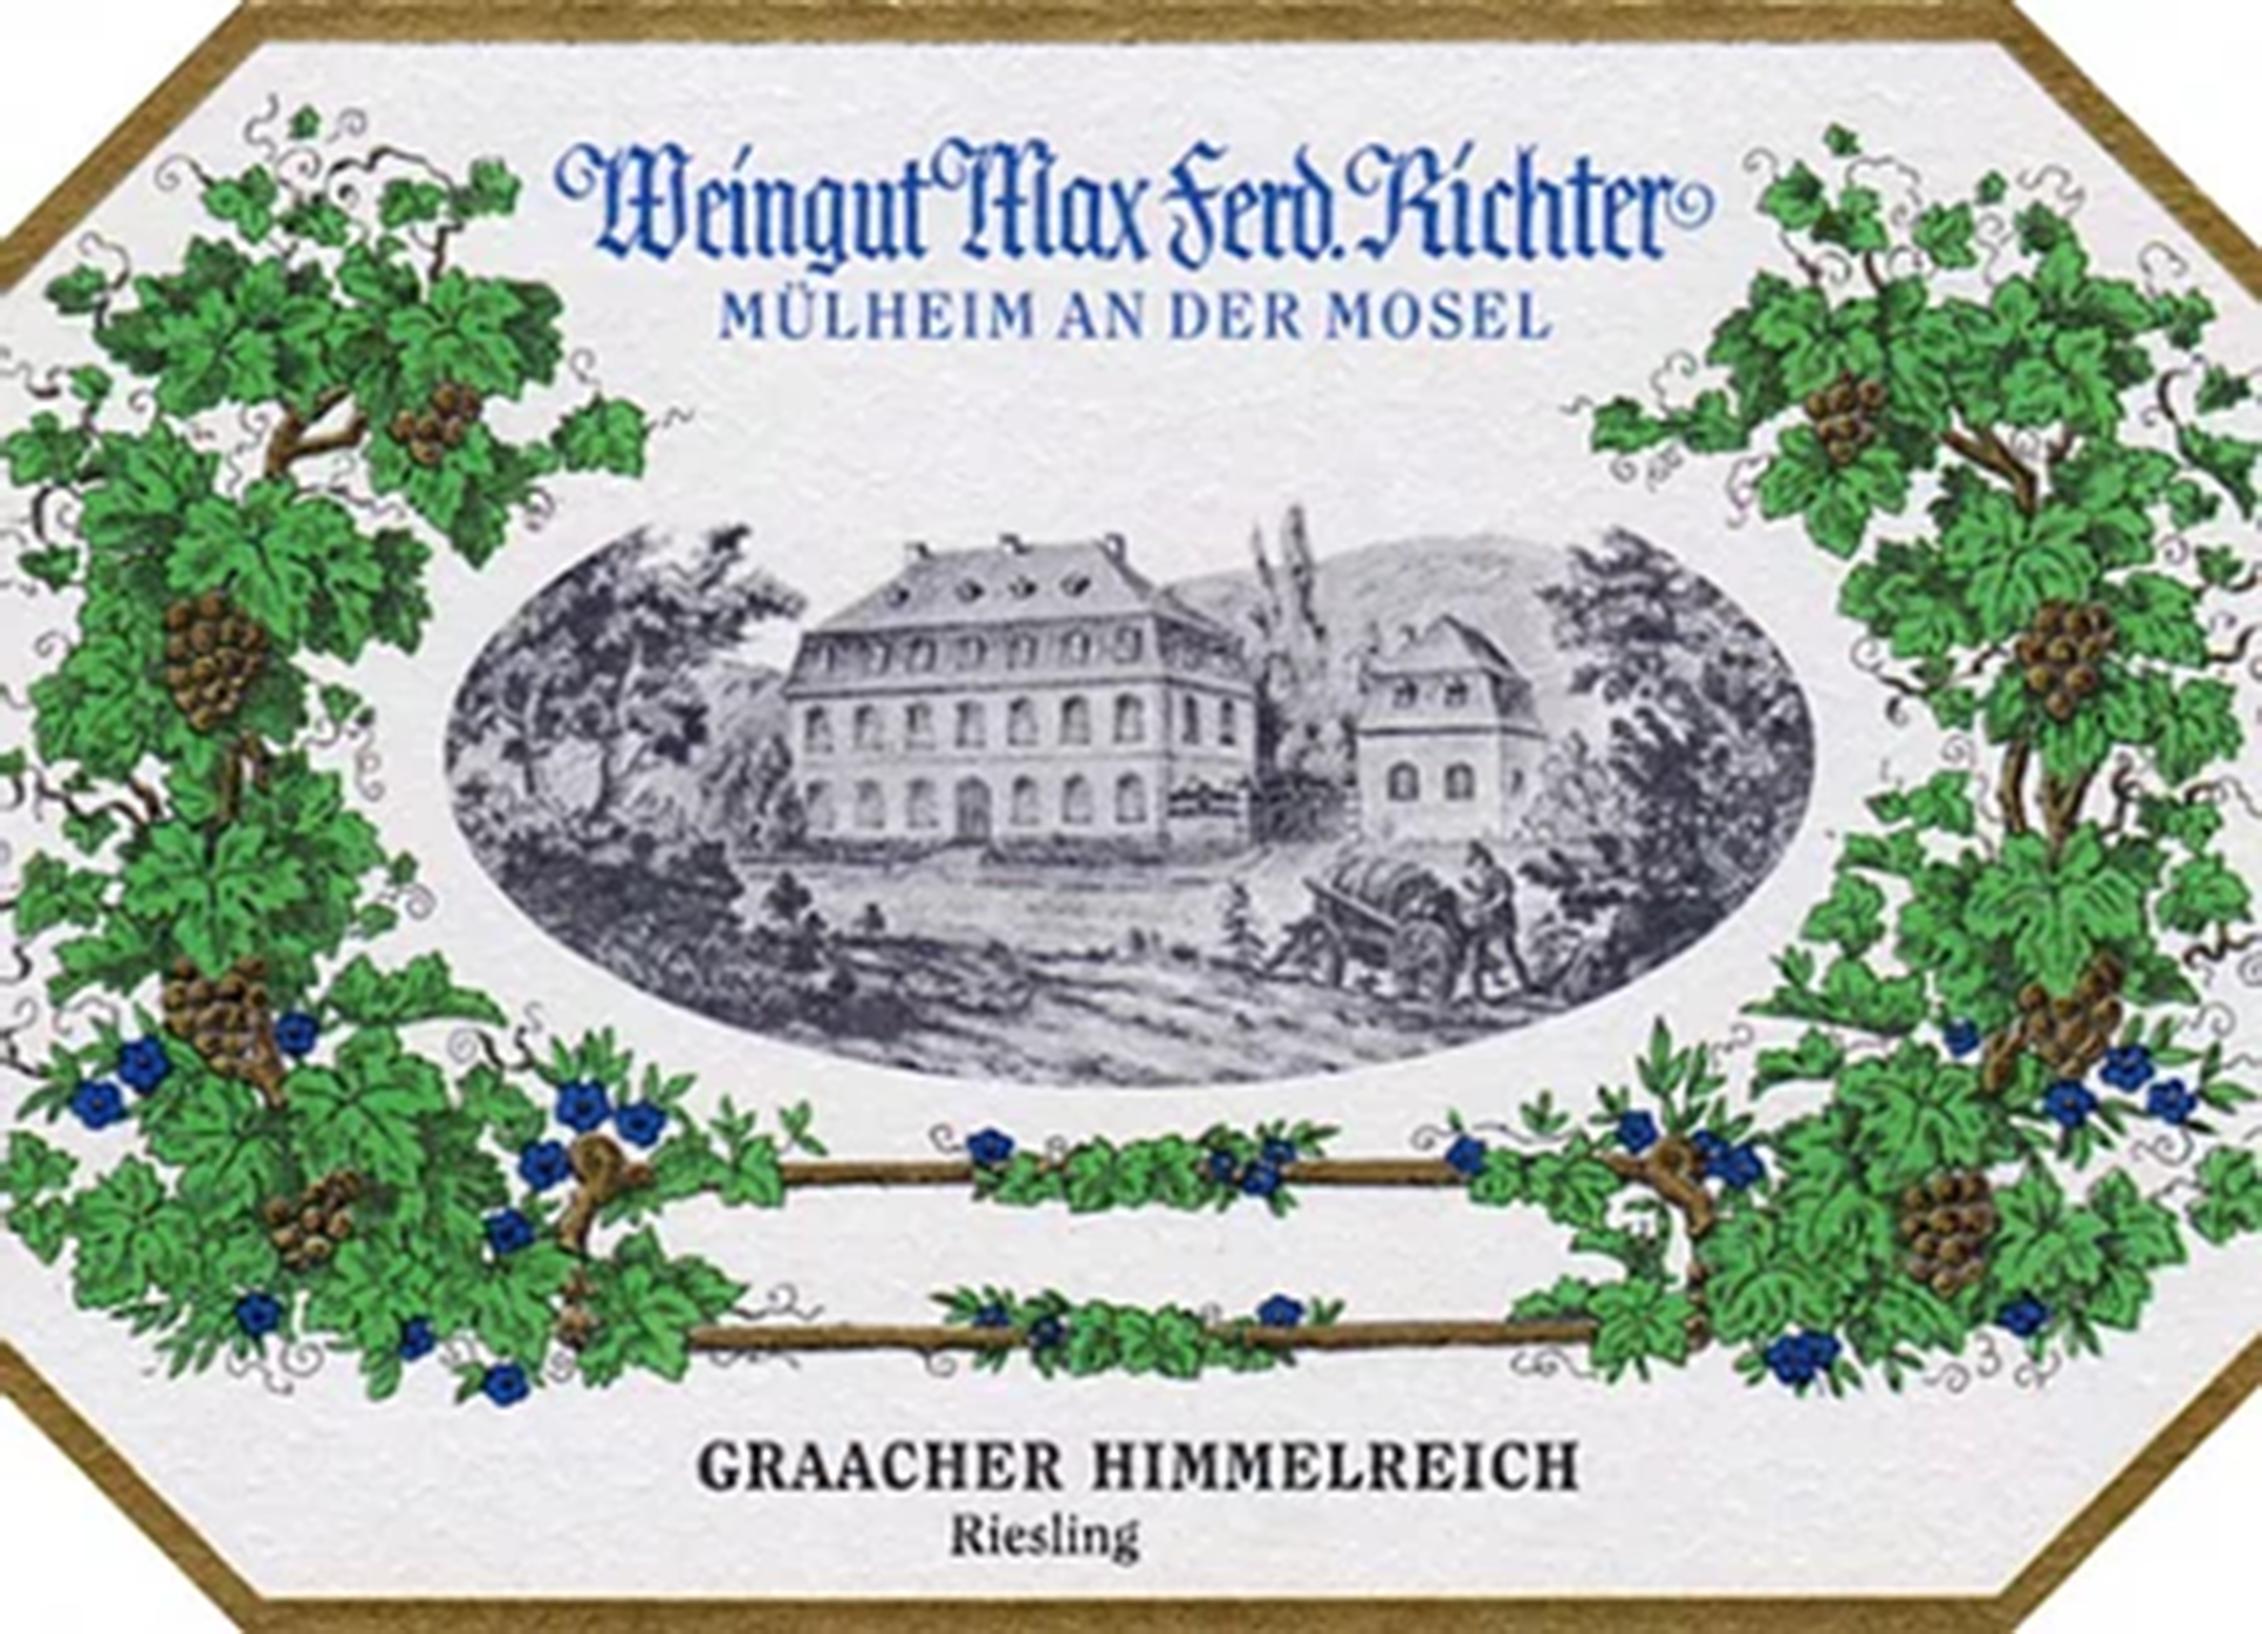 Max Ferd Richter Graacher Himmelreich Kabinett Riesling 2018